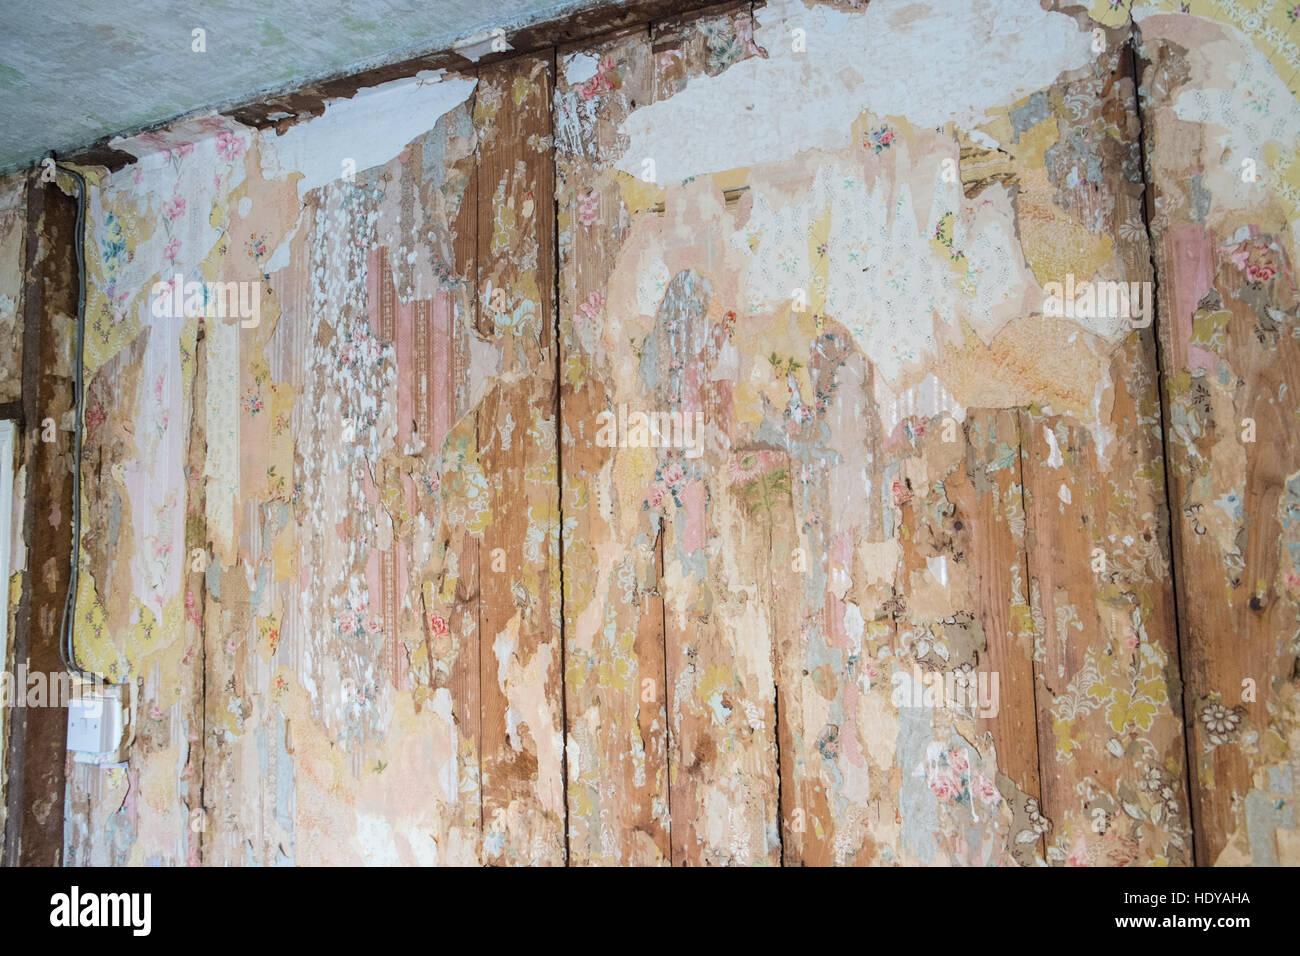 Basteln, Dekorieren Mein Eigentum Haus In West Wales.Removing Schaben Tapete  Von Wänden Und Decken.